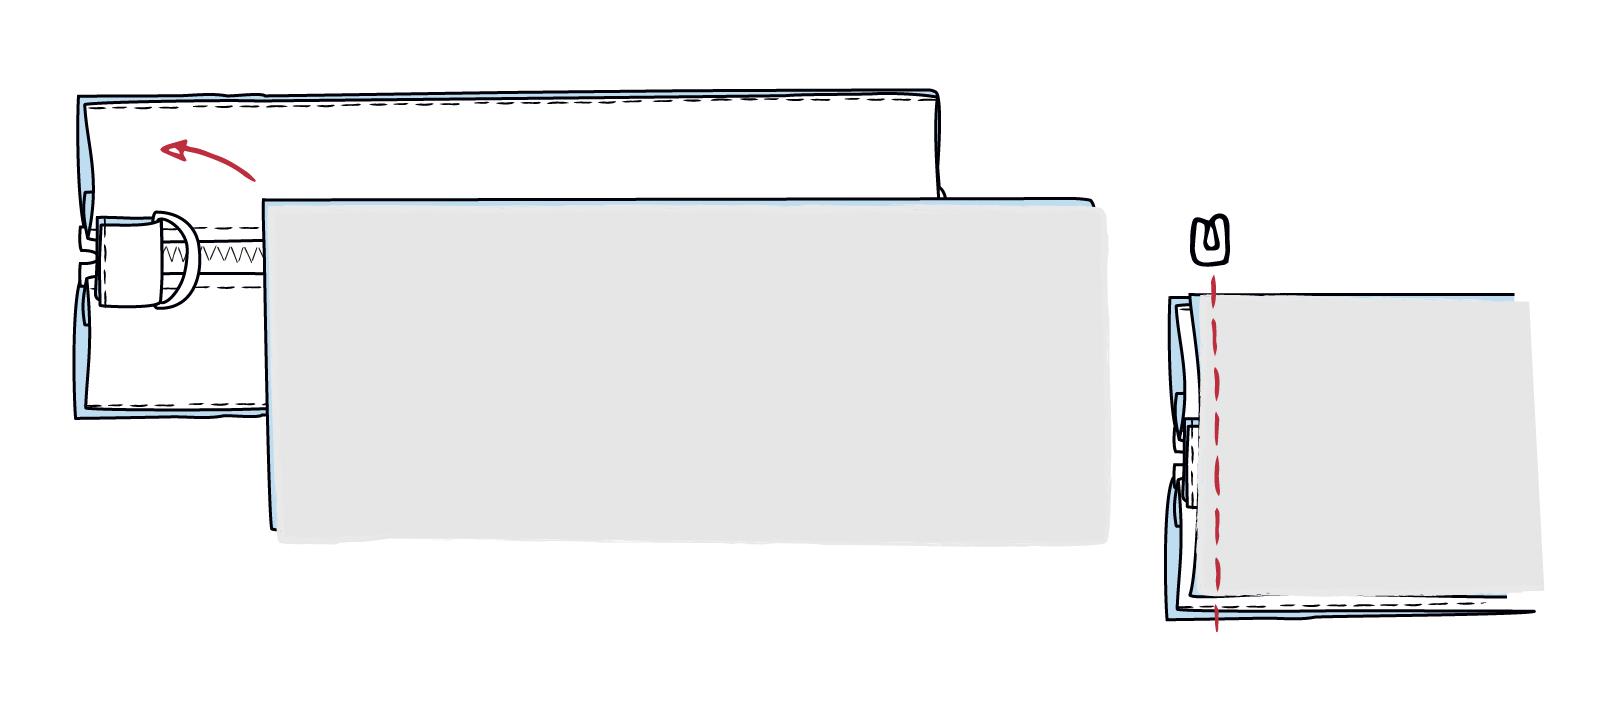 Taschenboden an kurze Seiten nähen